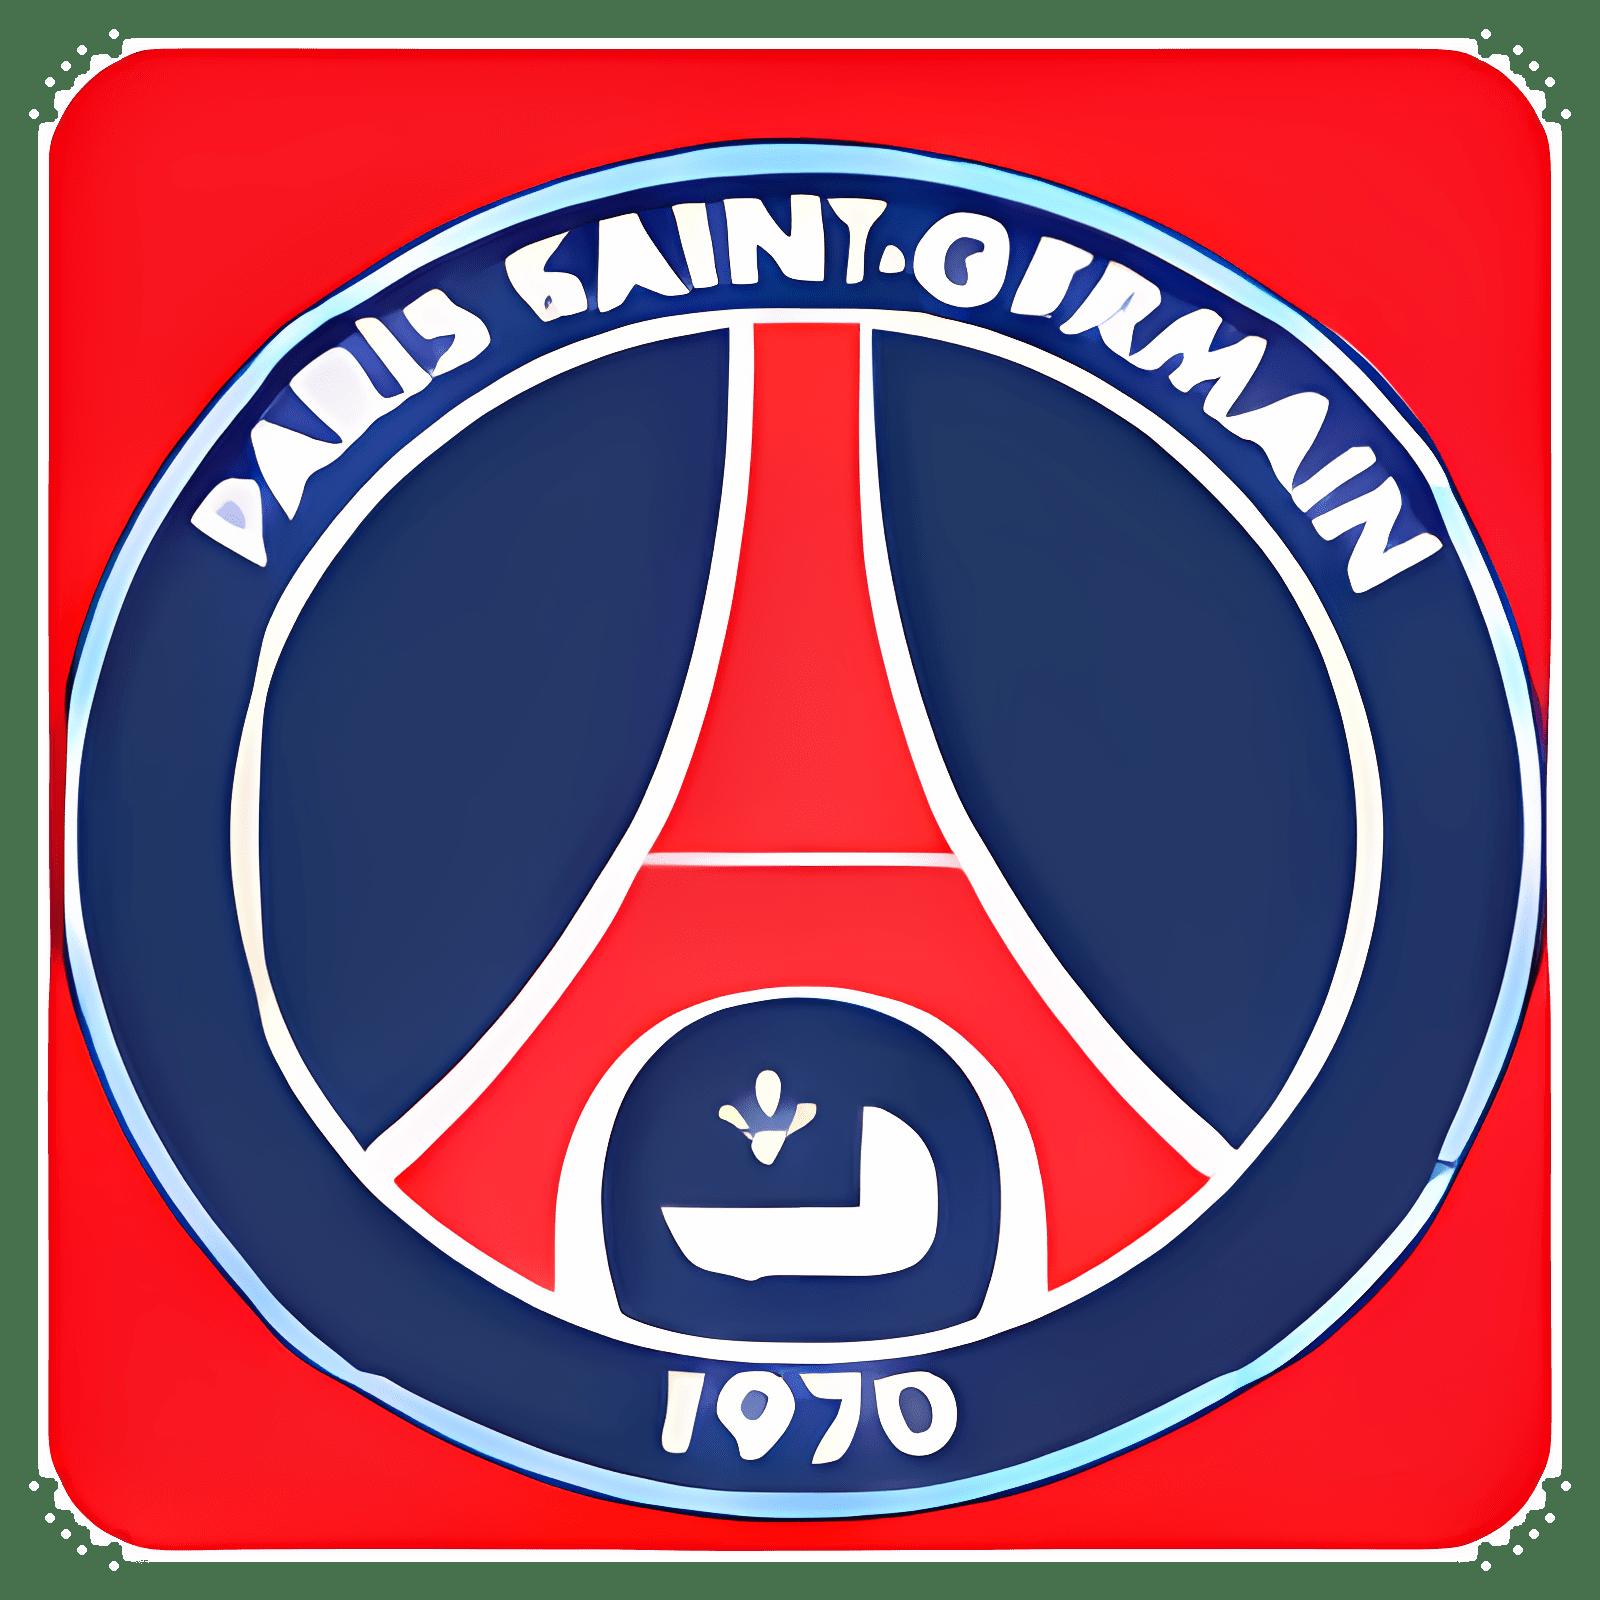 Fond d'écran Paris Saint-Germain